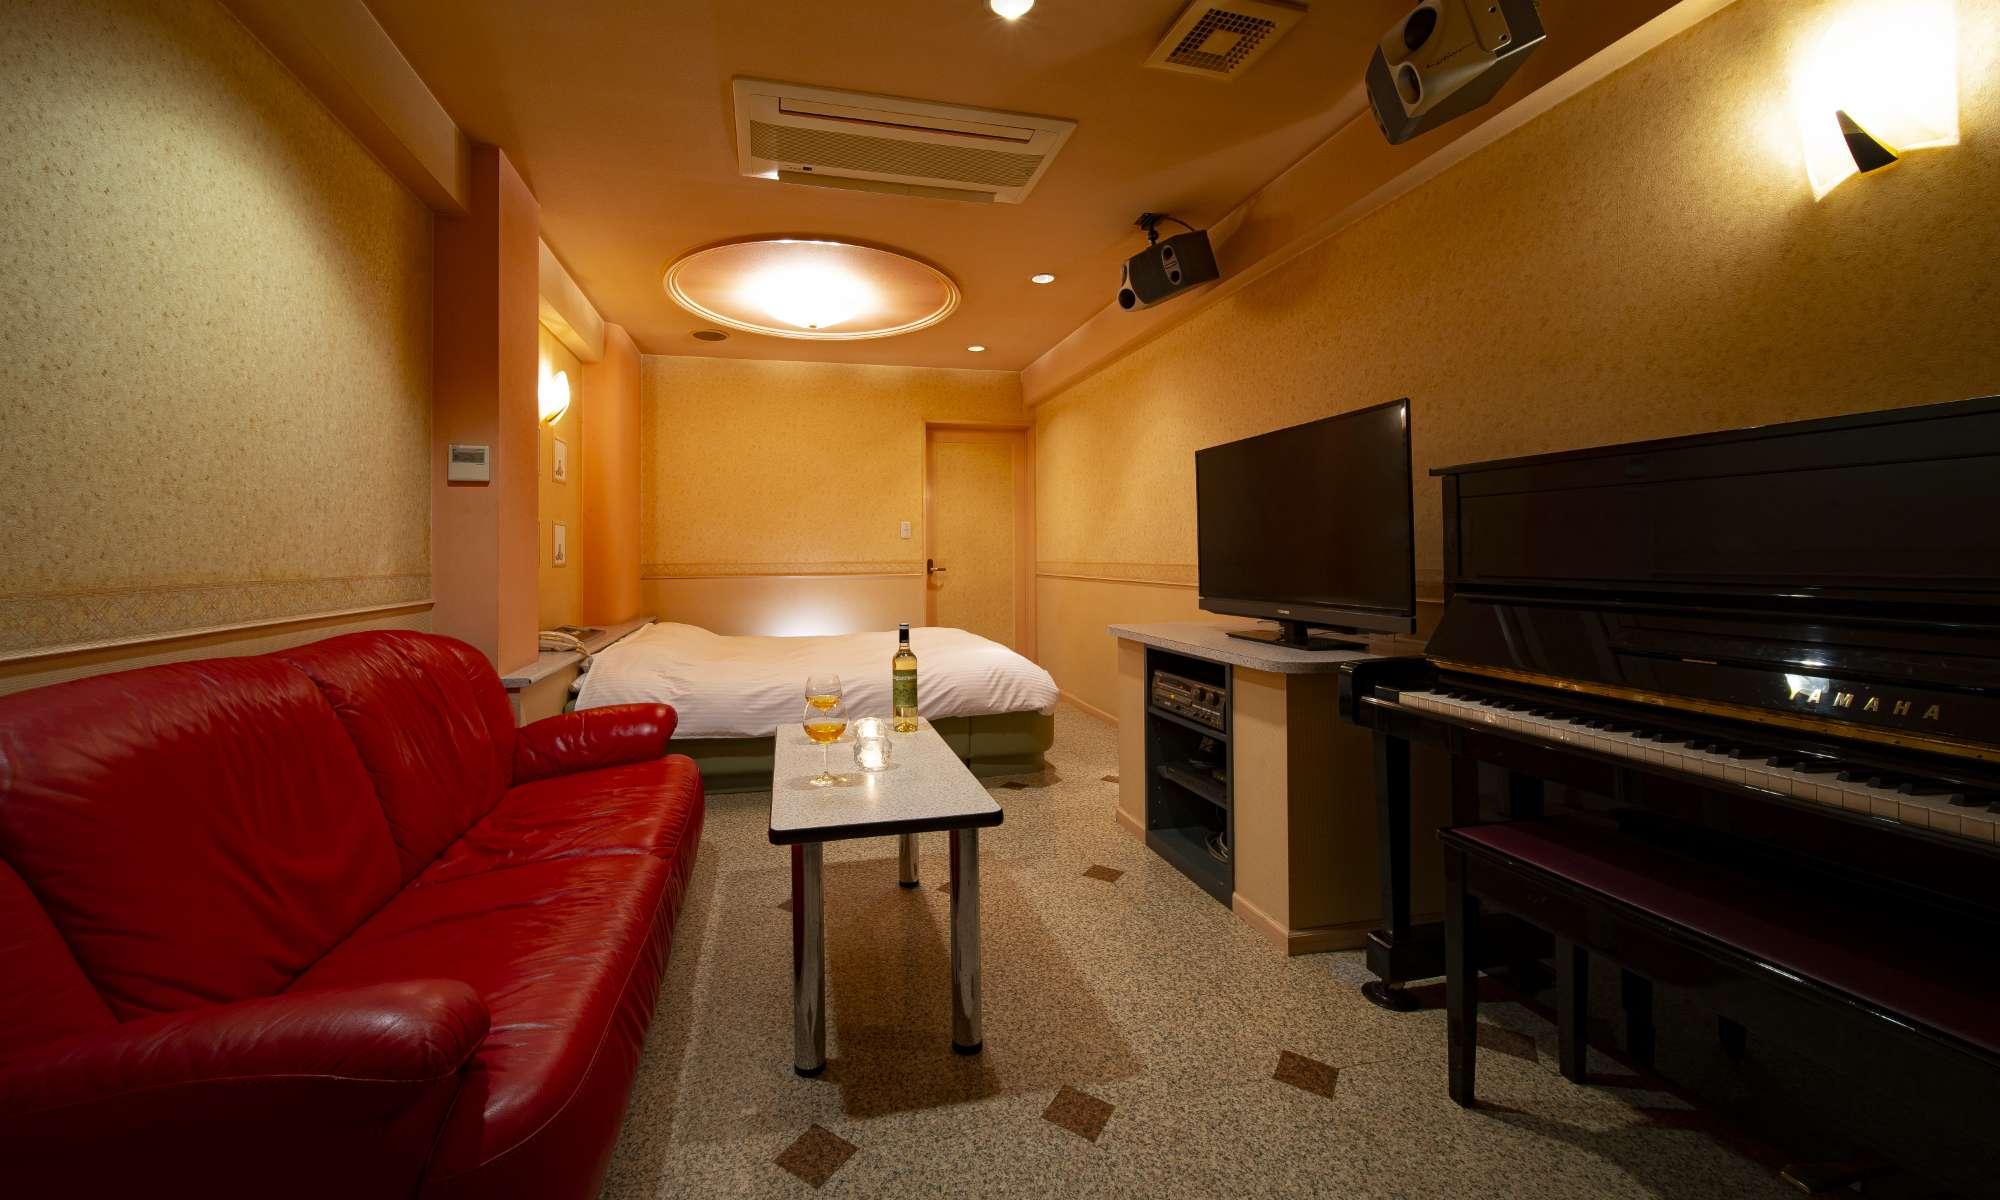 FUTARINO HOTEL(ふたりのホテル) Room320